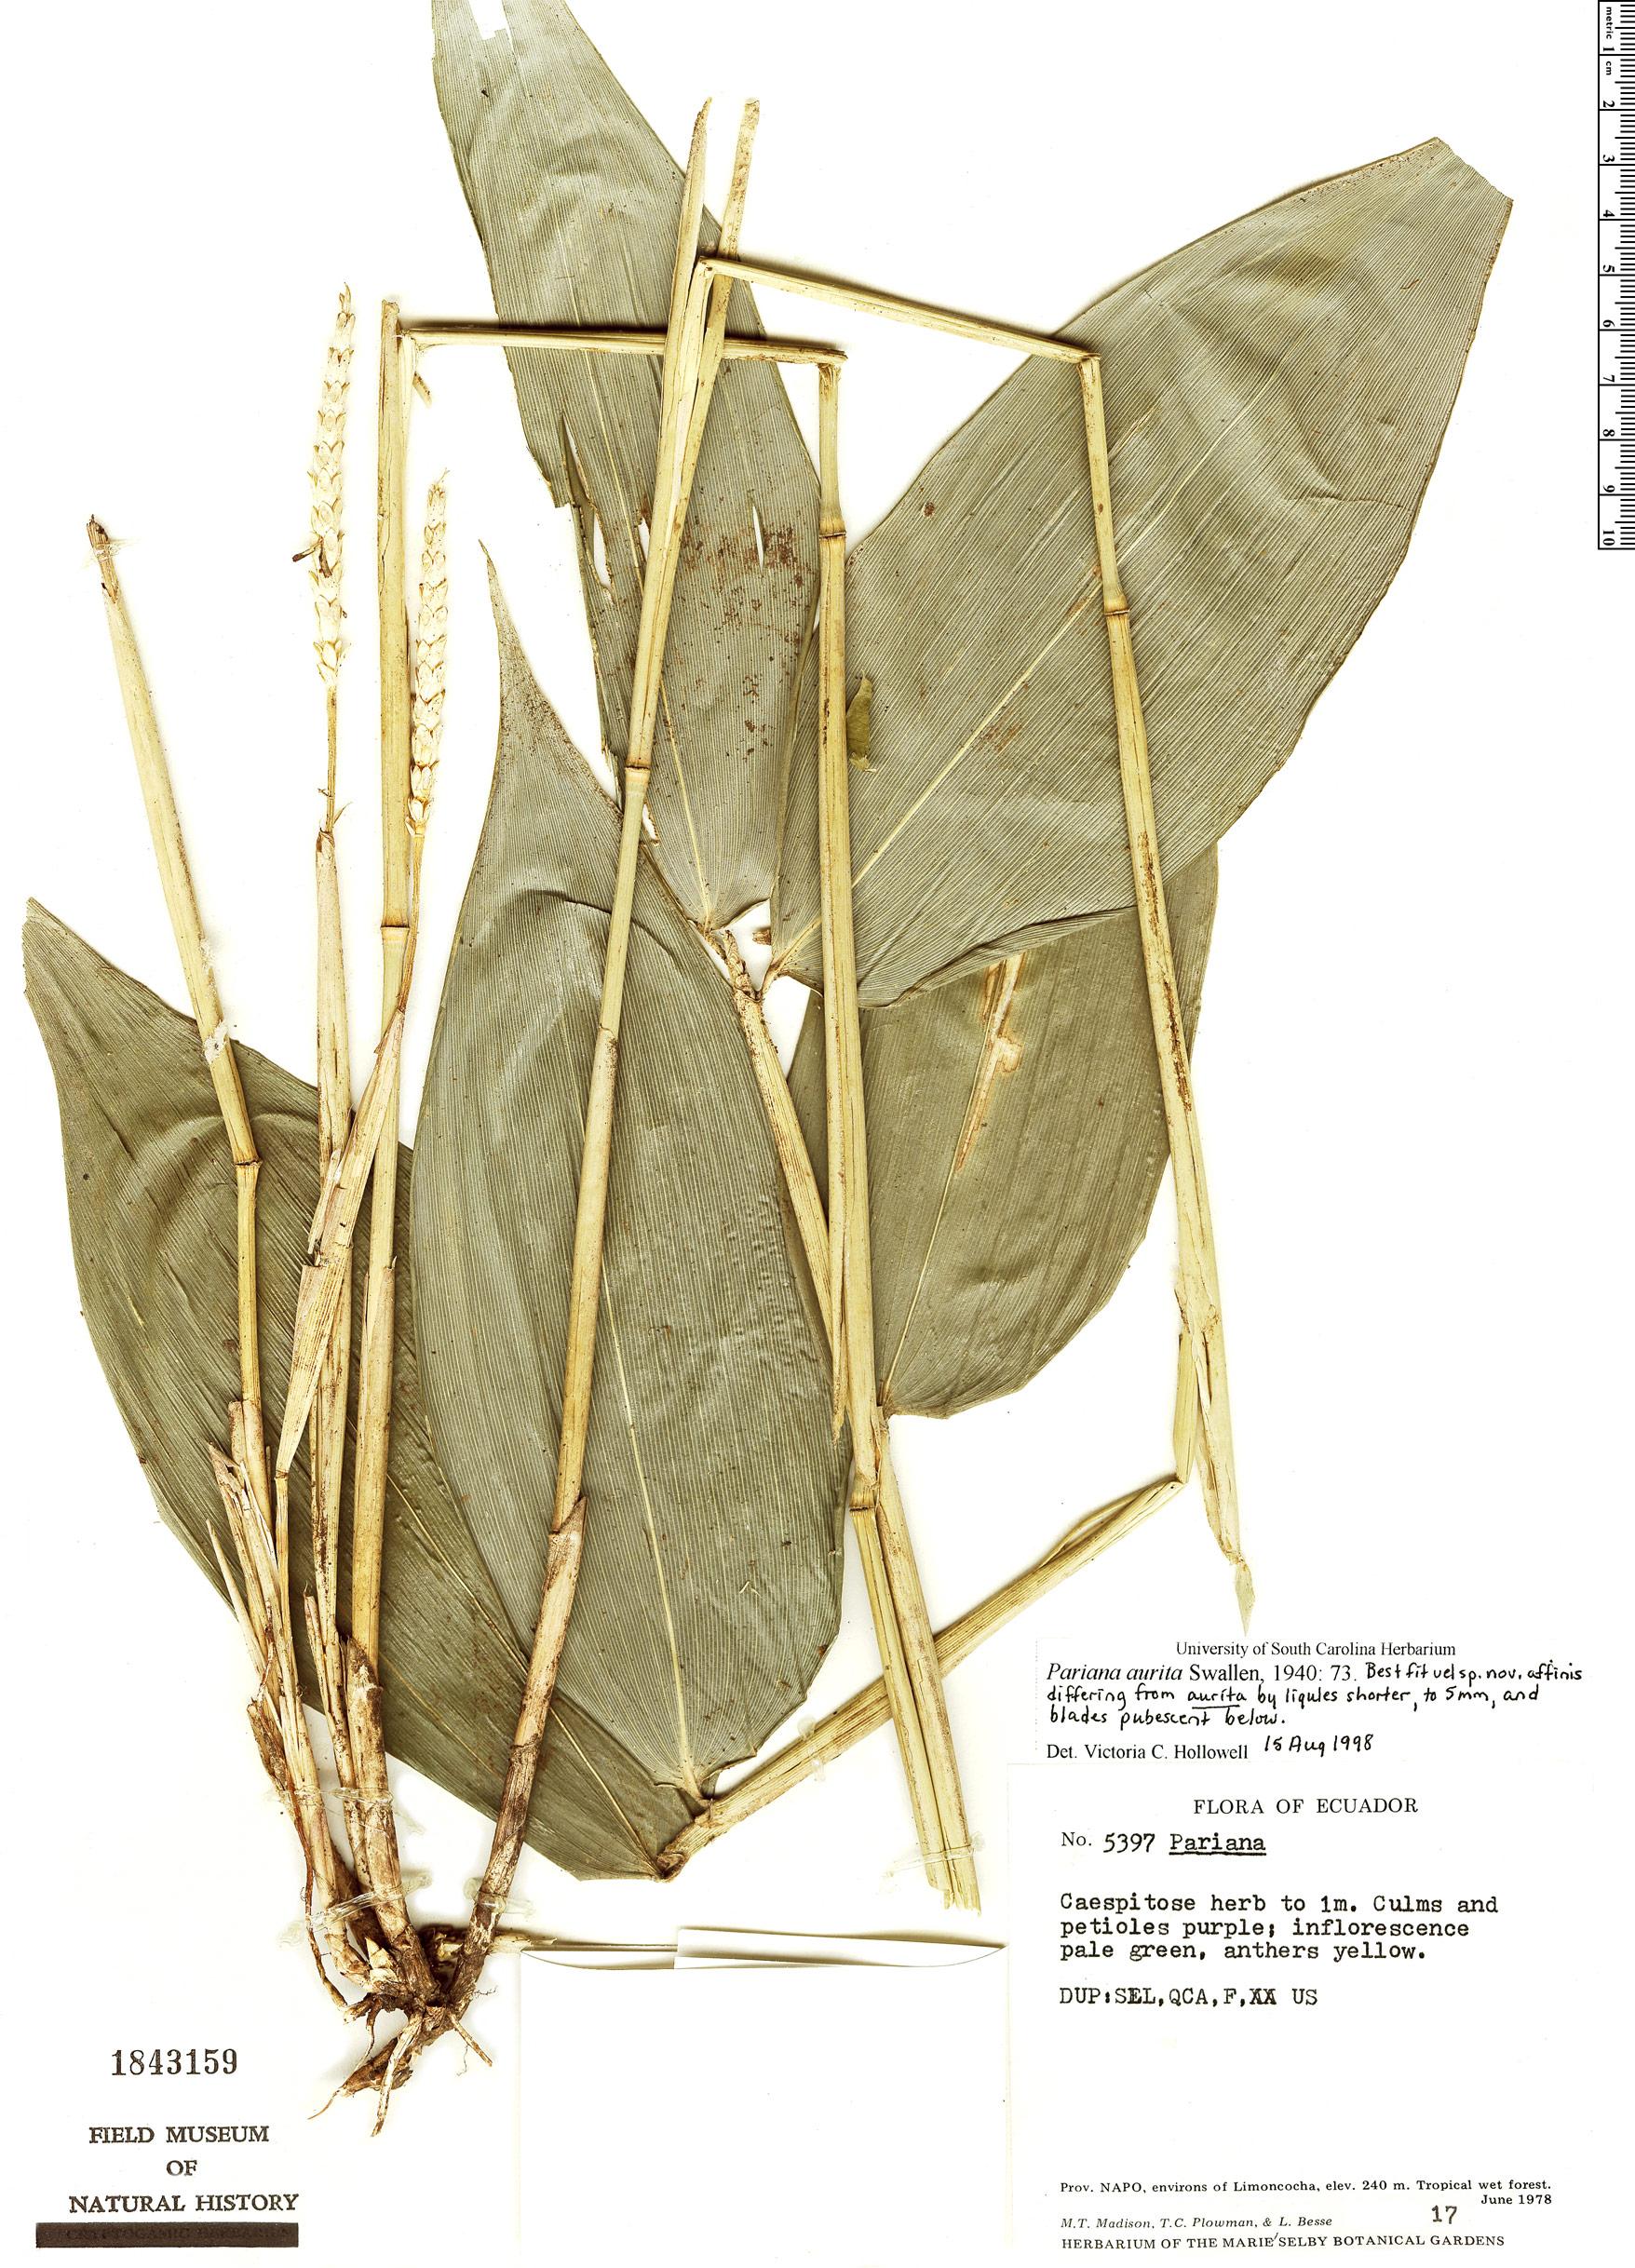 Espécimen: Pariana aurita